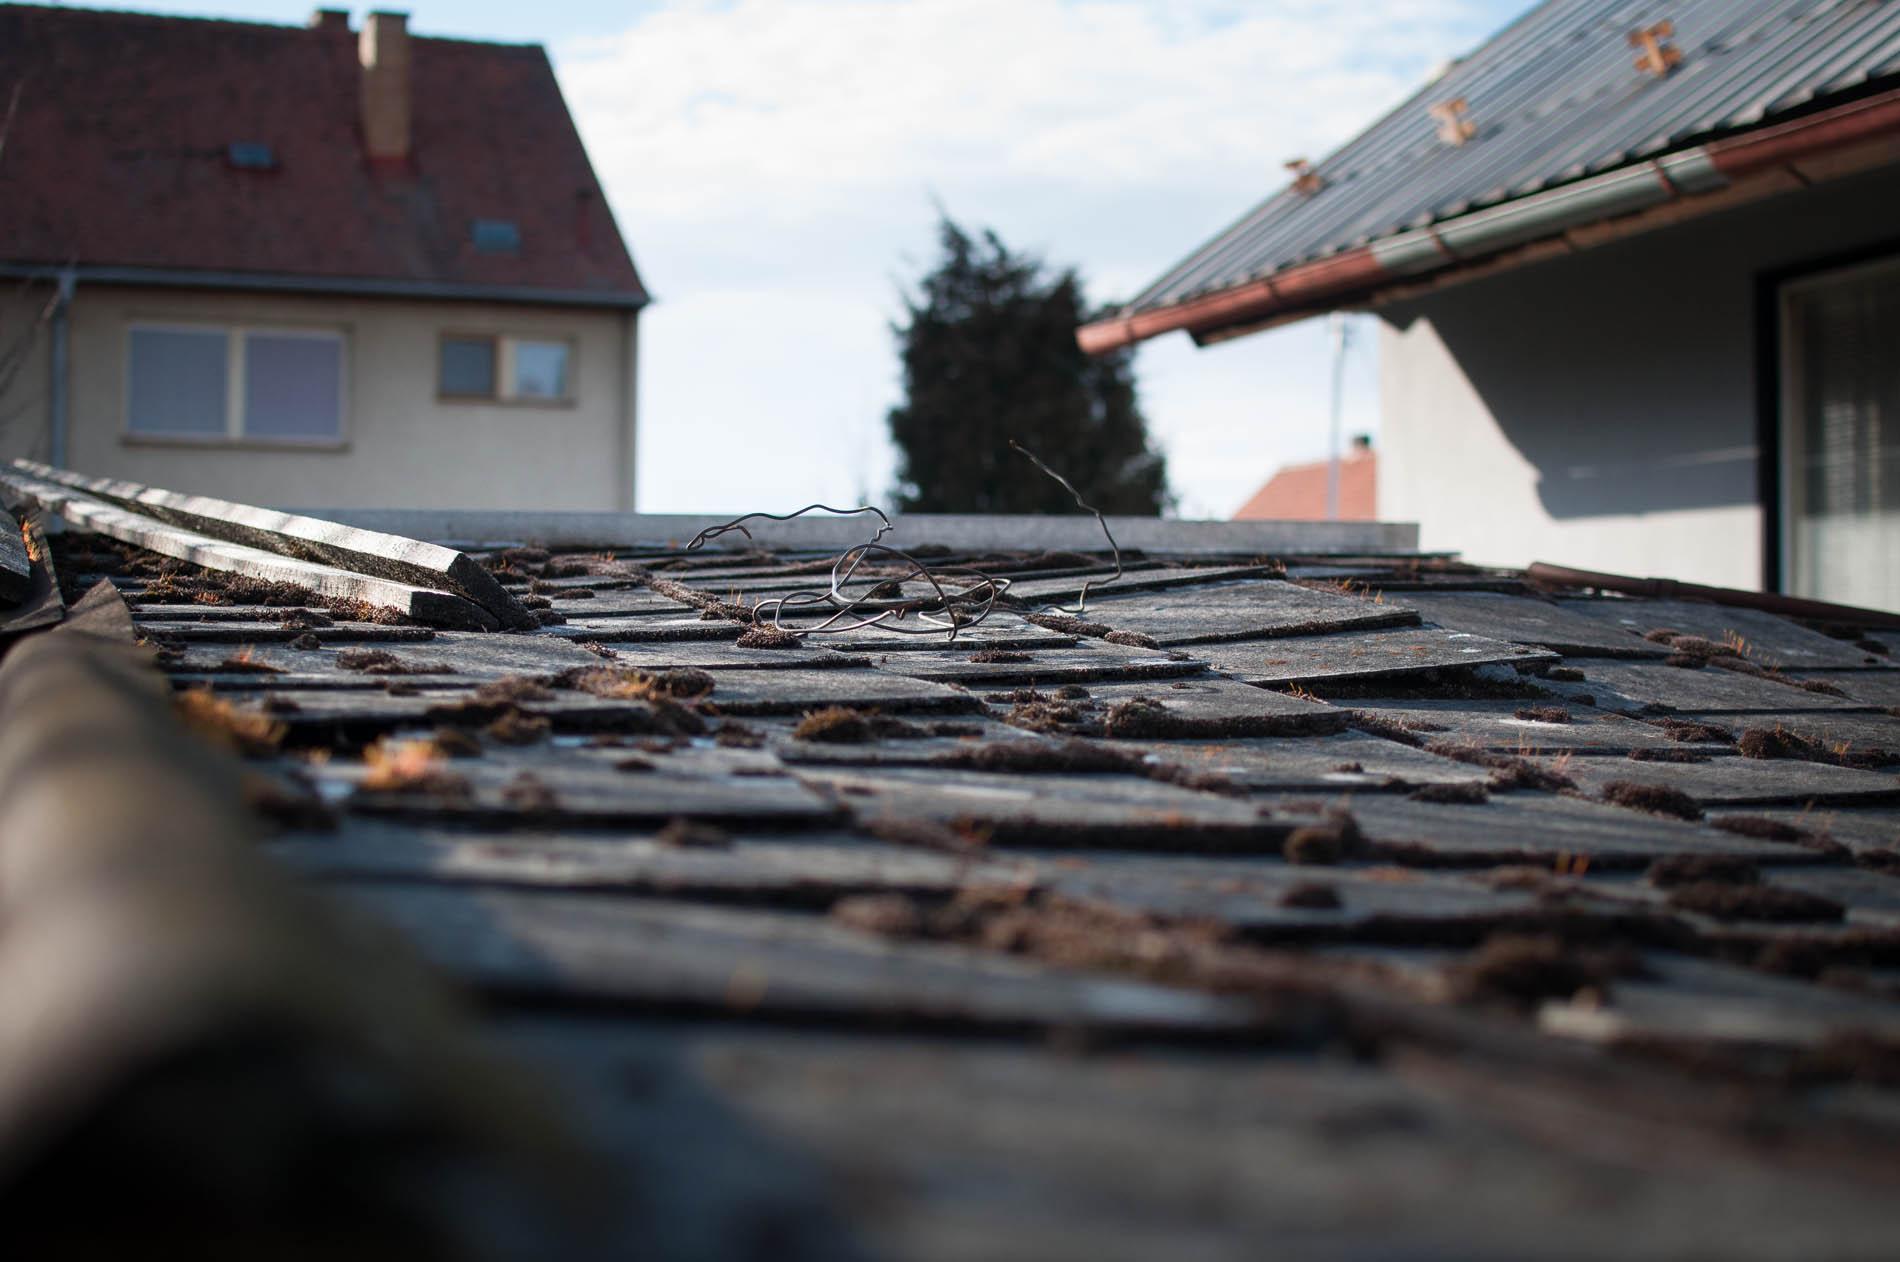 střecha psí boudy a nářaďovny